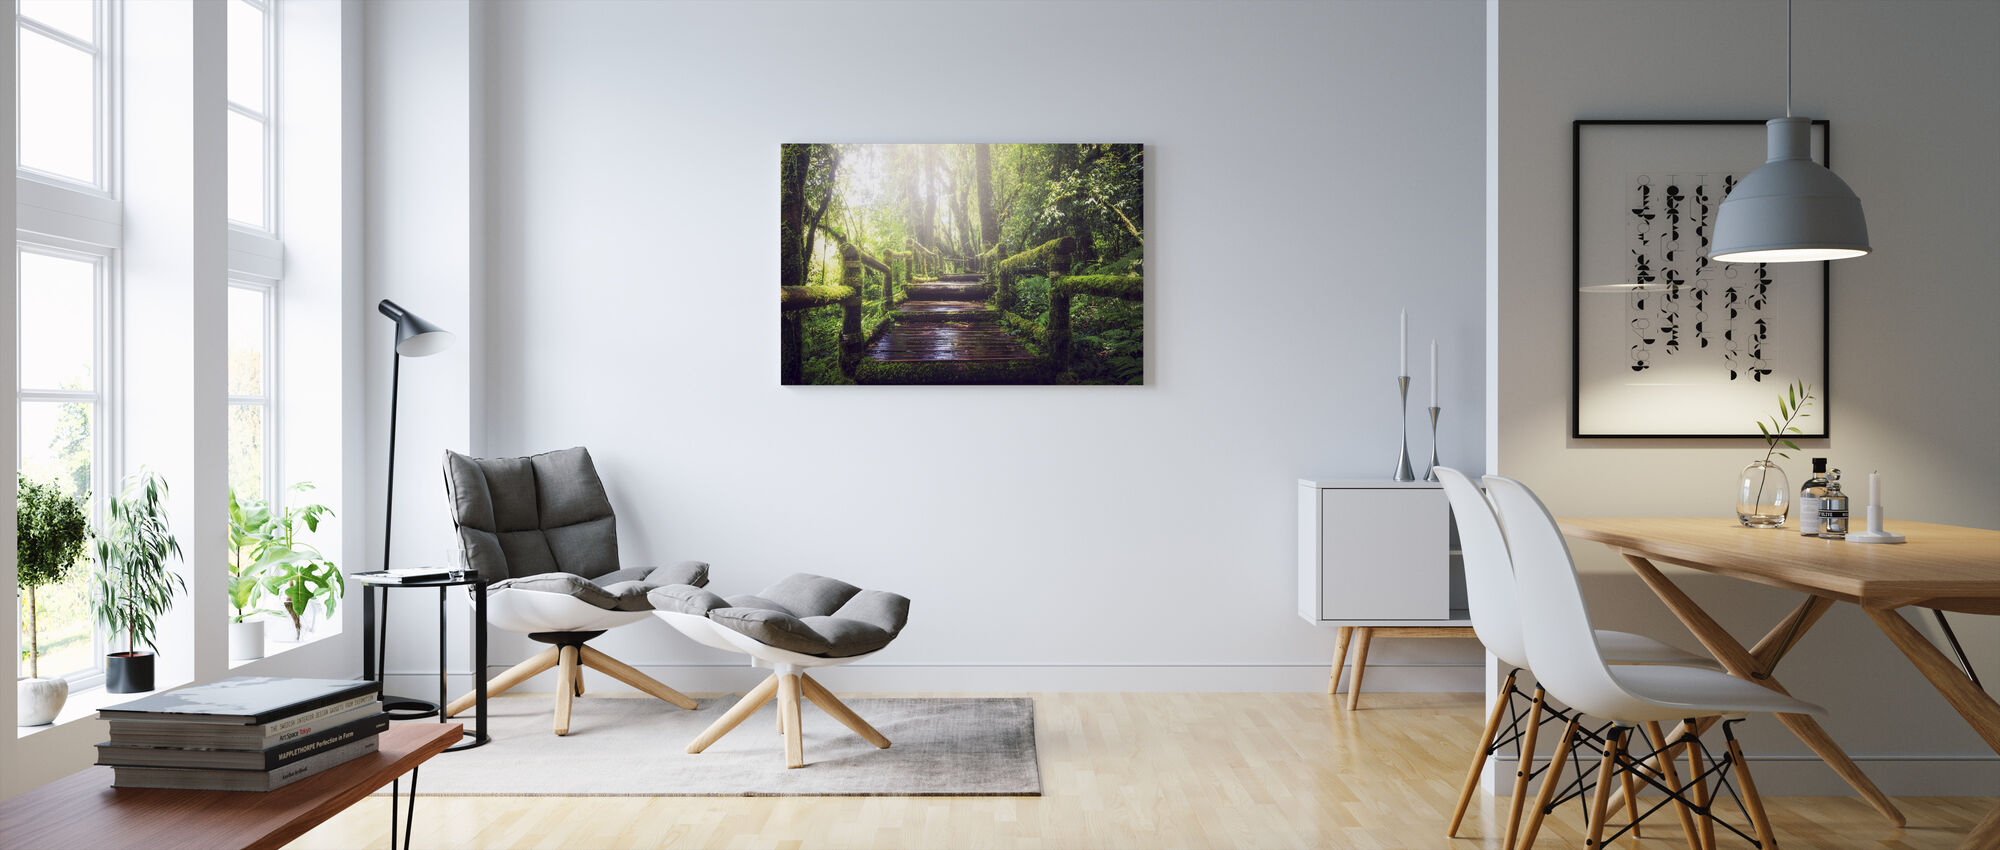 Pad in het bos - Canvas print - Woonkamer